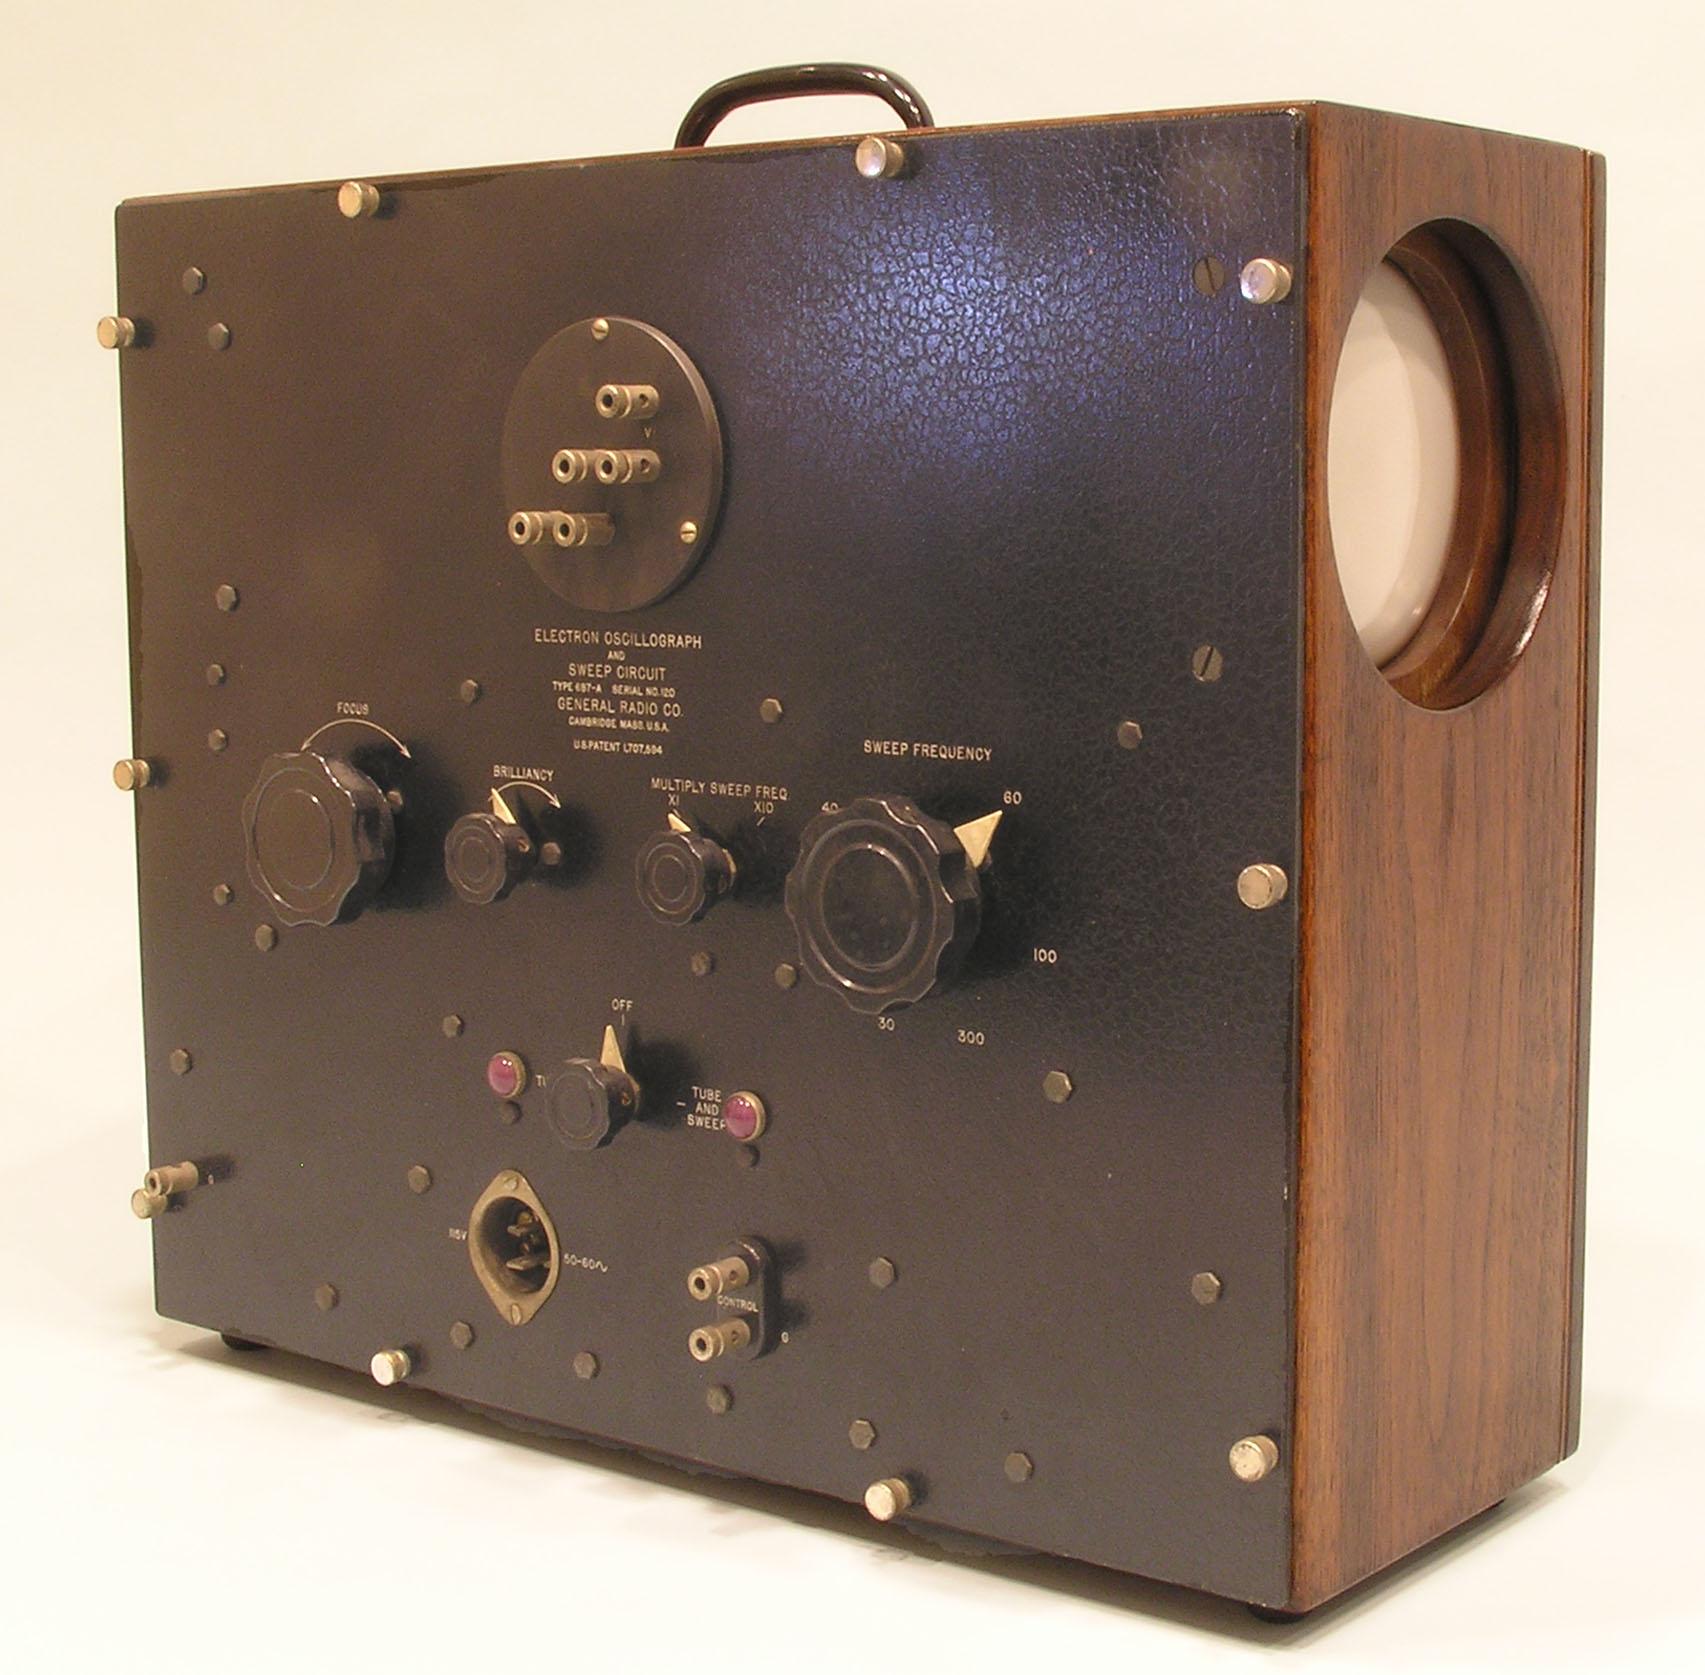 Type 687 Oscilloscope